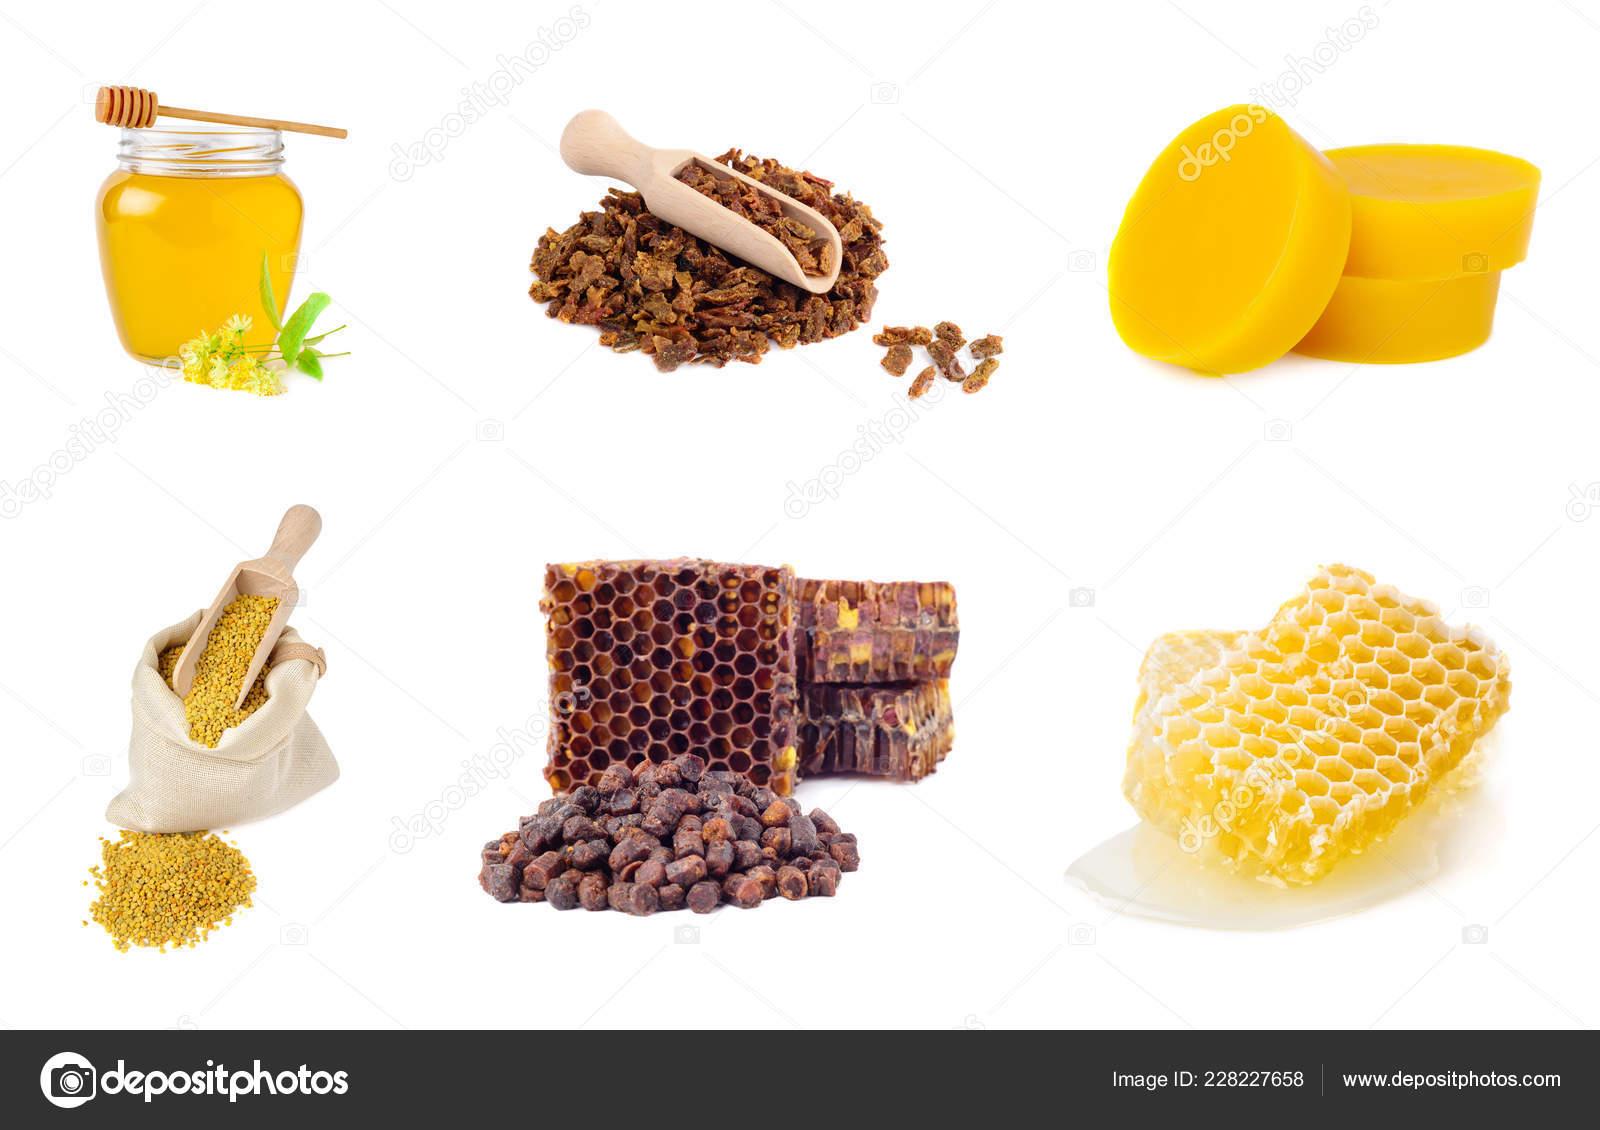 пчелиный продукт прополис